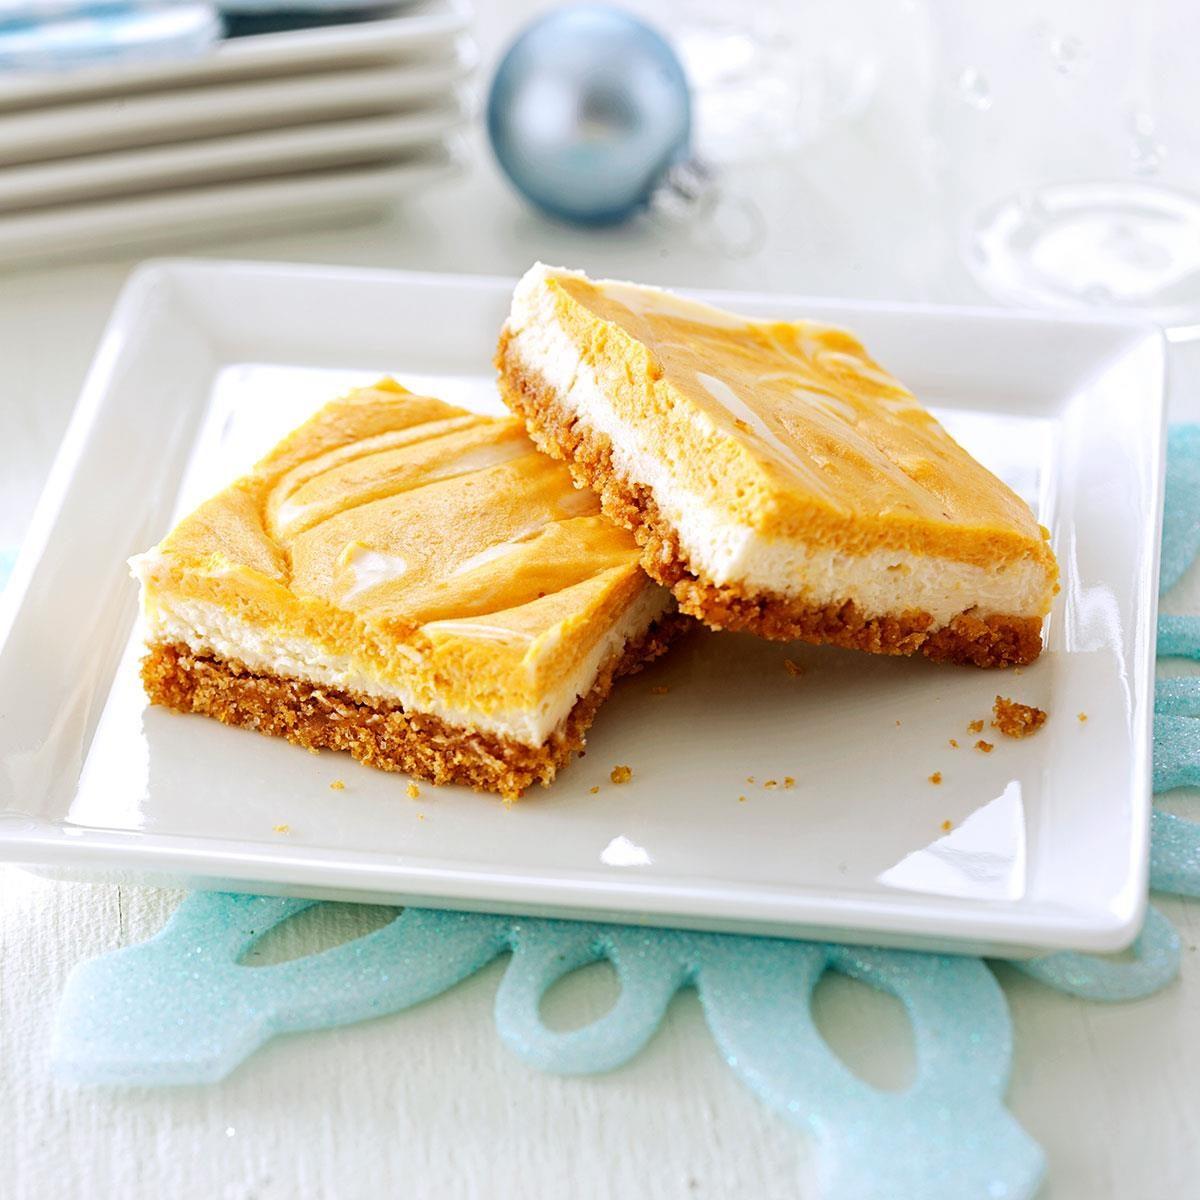 Cream Cheese Swirl Cake